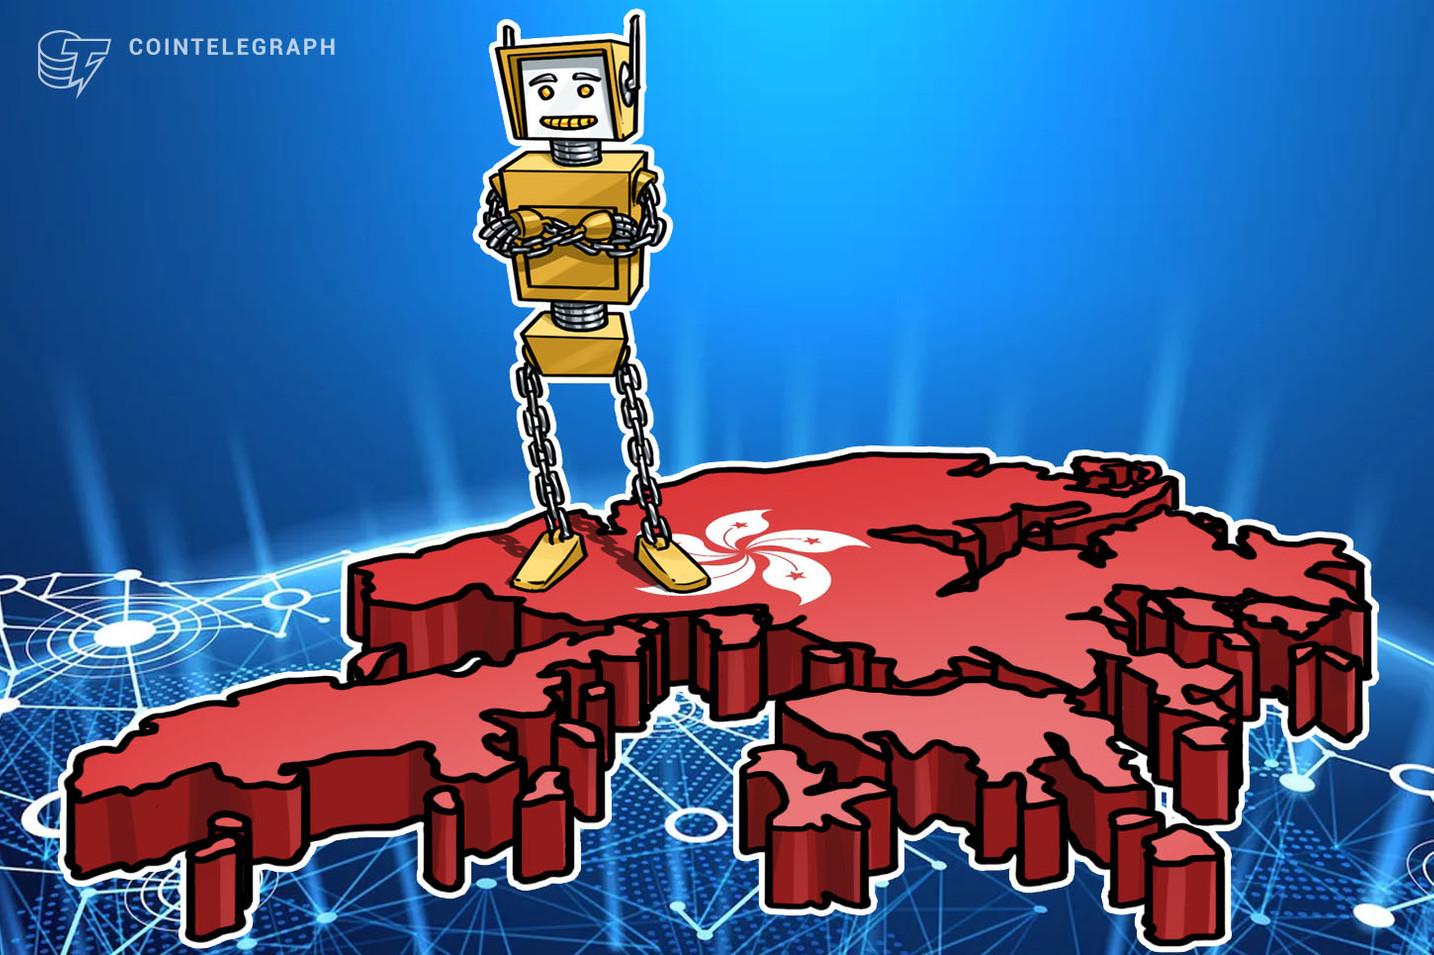 L'Autorità Monetaria di Hong Kong lancerà una nuova piattaforma blockchain per le istituzioni bancarie